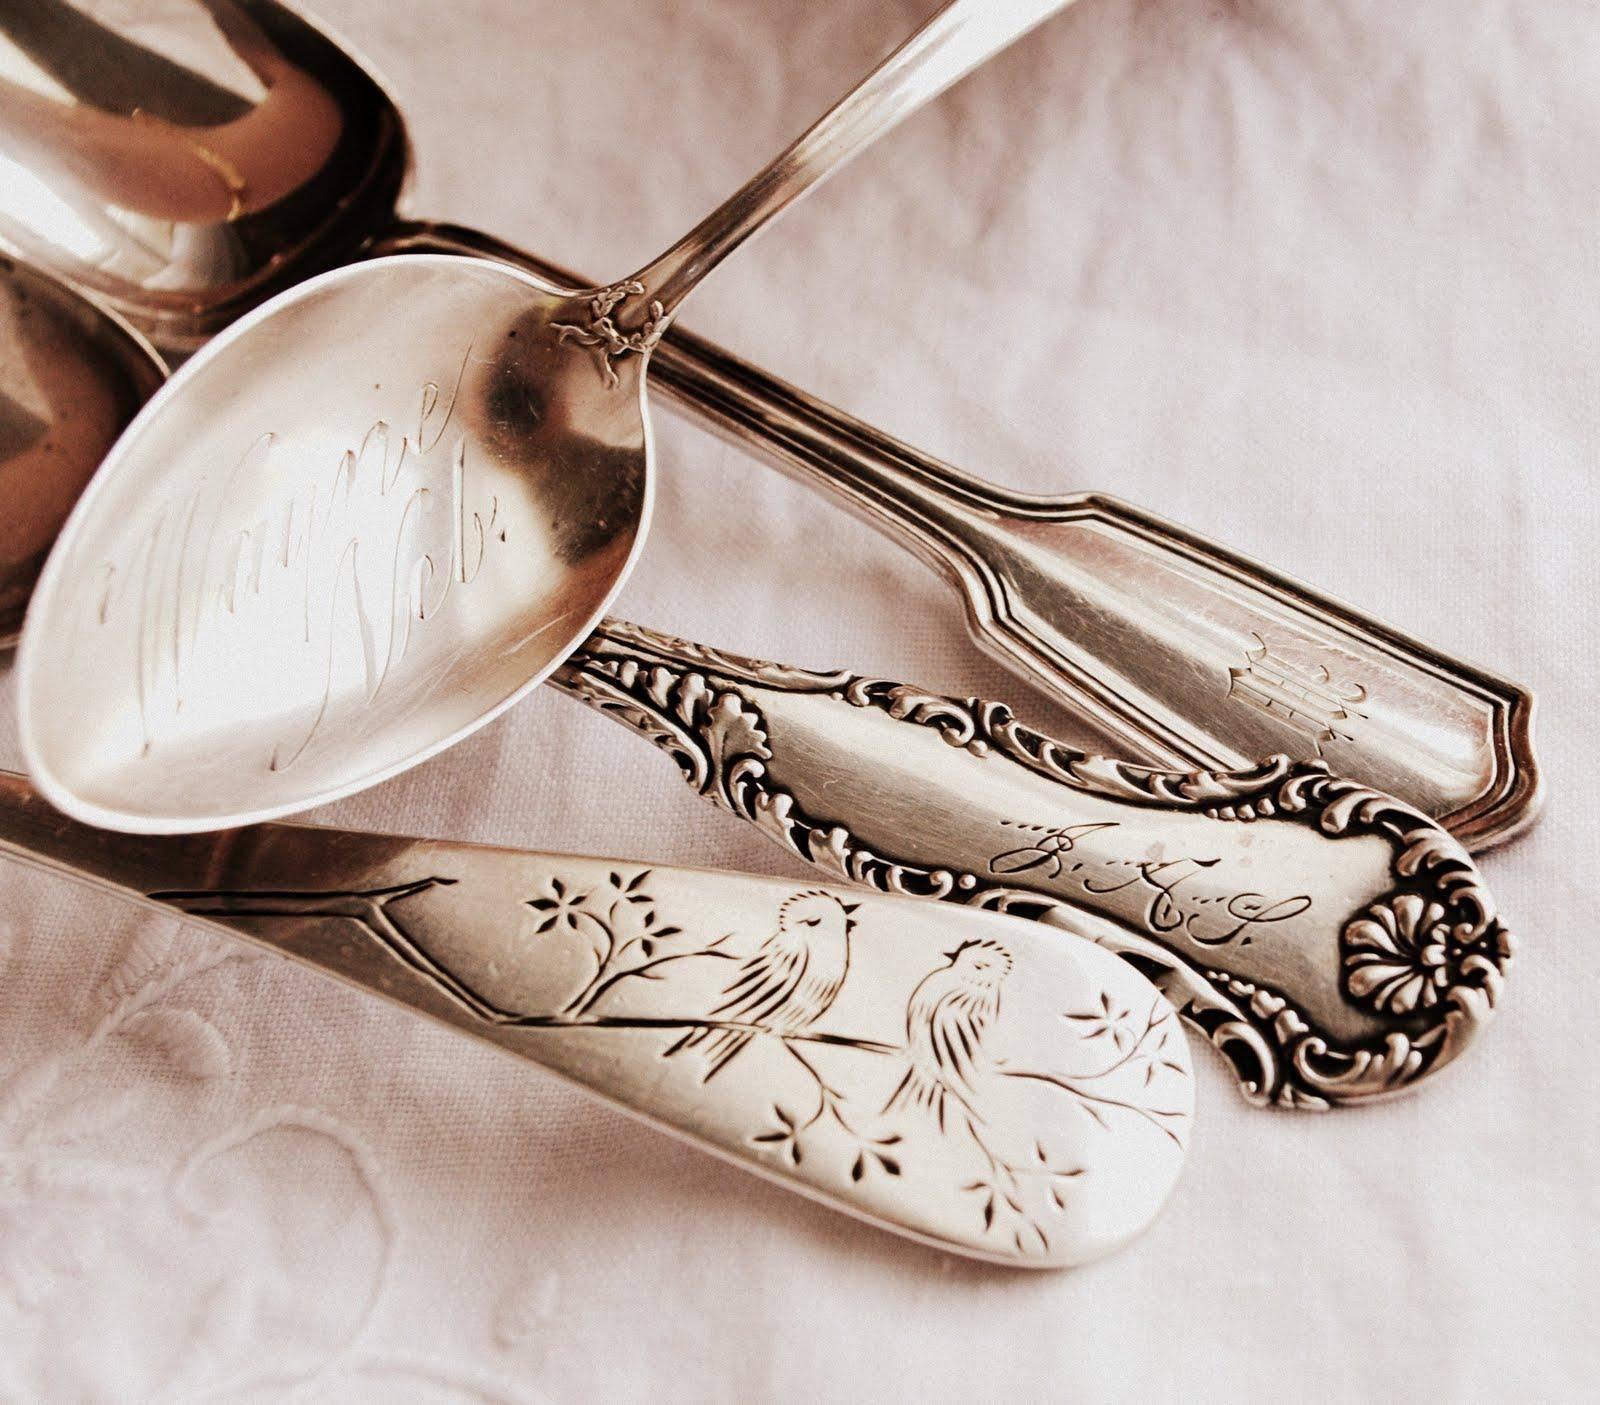 Как чистить мельхиоровые ложки в домашних условиях, средства для чистки серебра